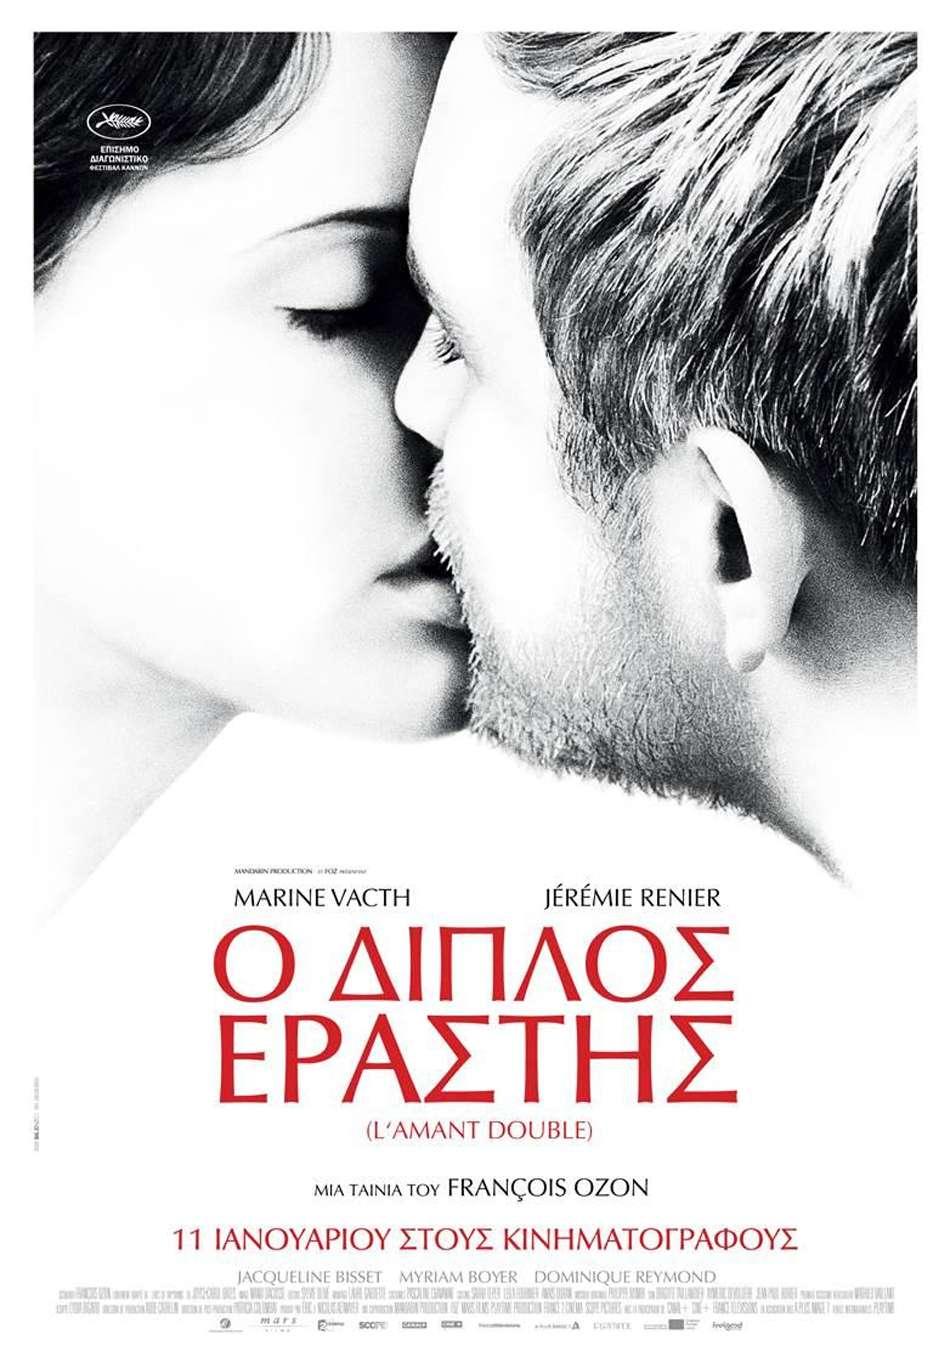 Ο διπλός εραστής (L'amant double) Poster Πόστερ